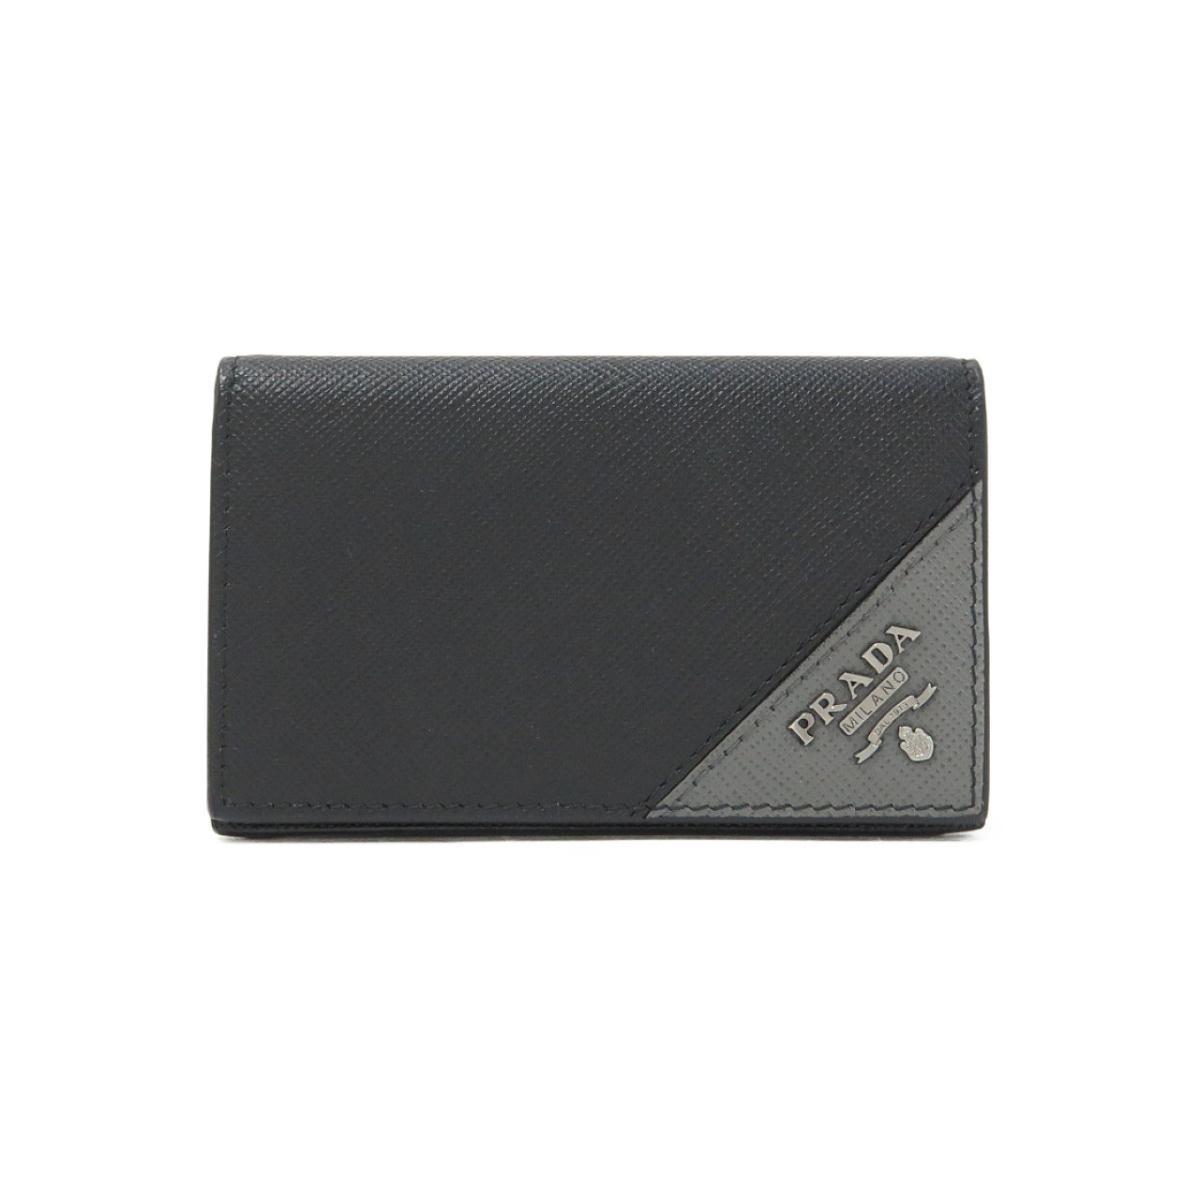 プラダ カードケース 2MC122【中古】